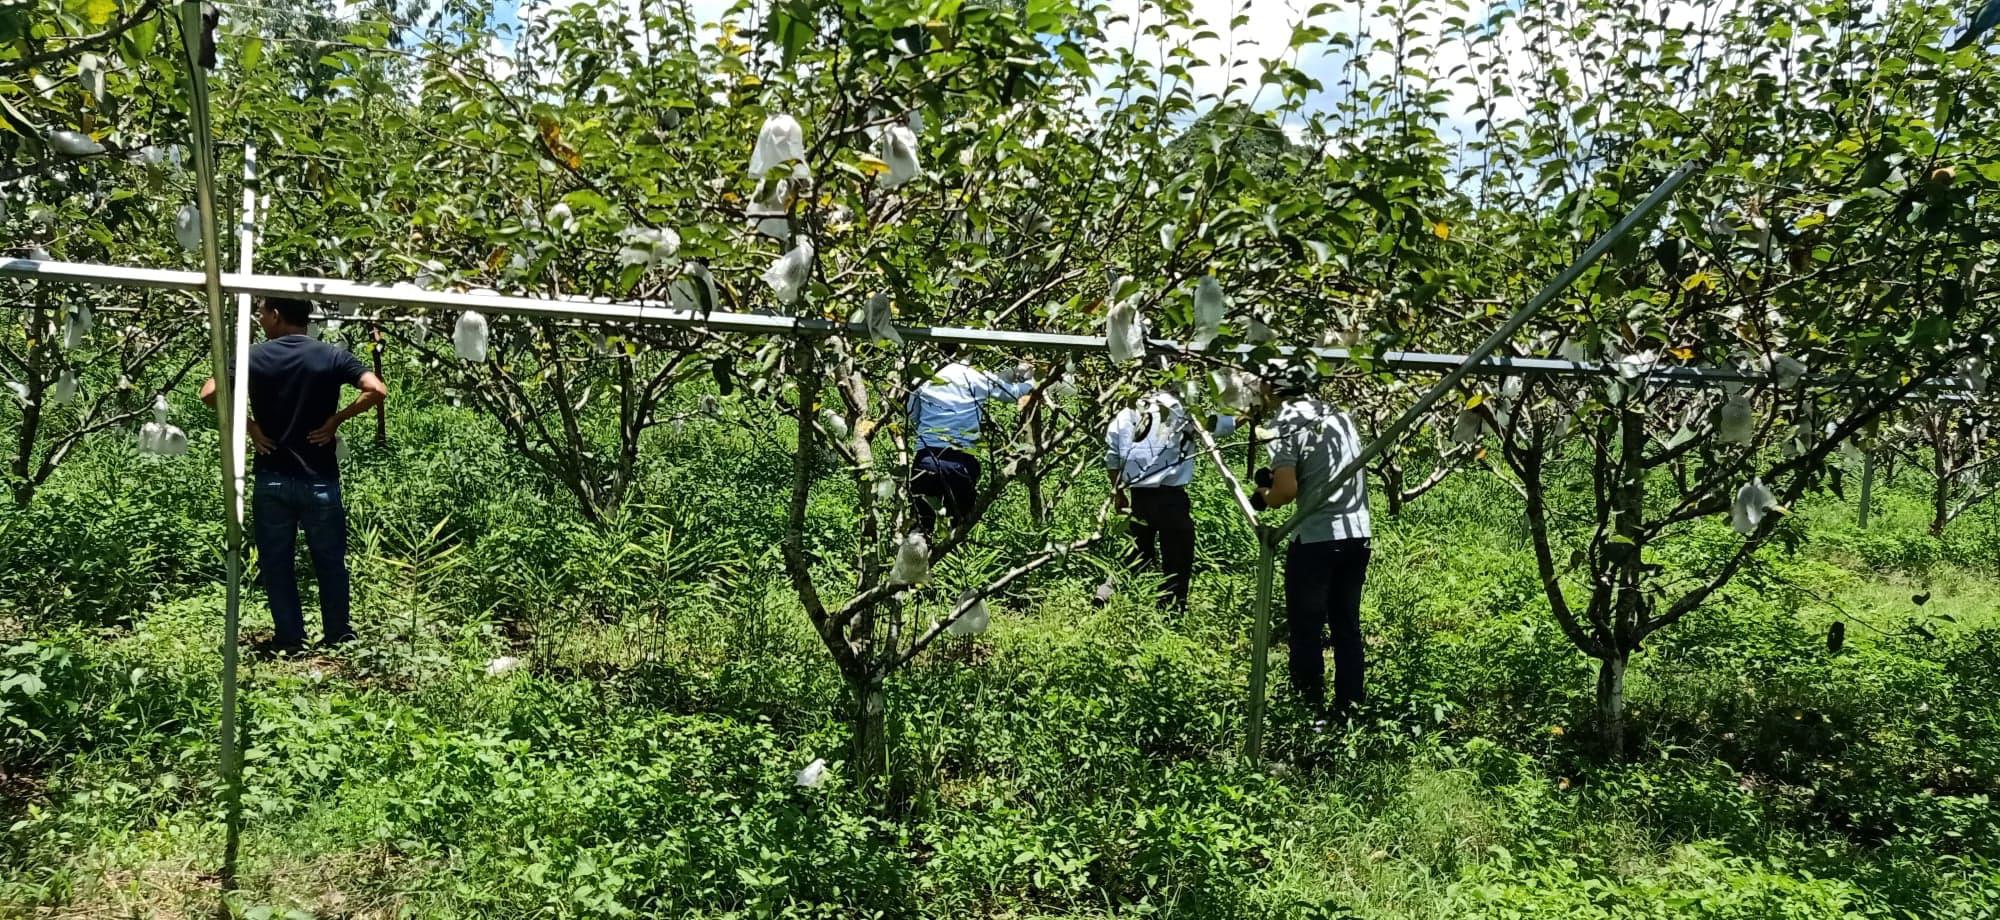 Làm nông nghiệp theo cách chưa từng có, nông sản Sơn La dễ dàng đi khắp thế giới - Ảnh 4.